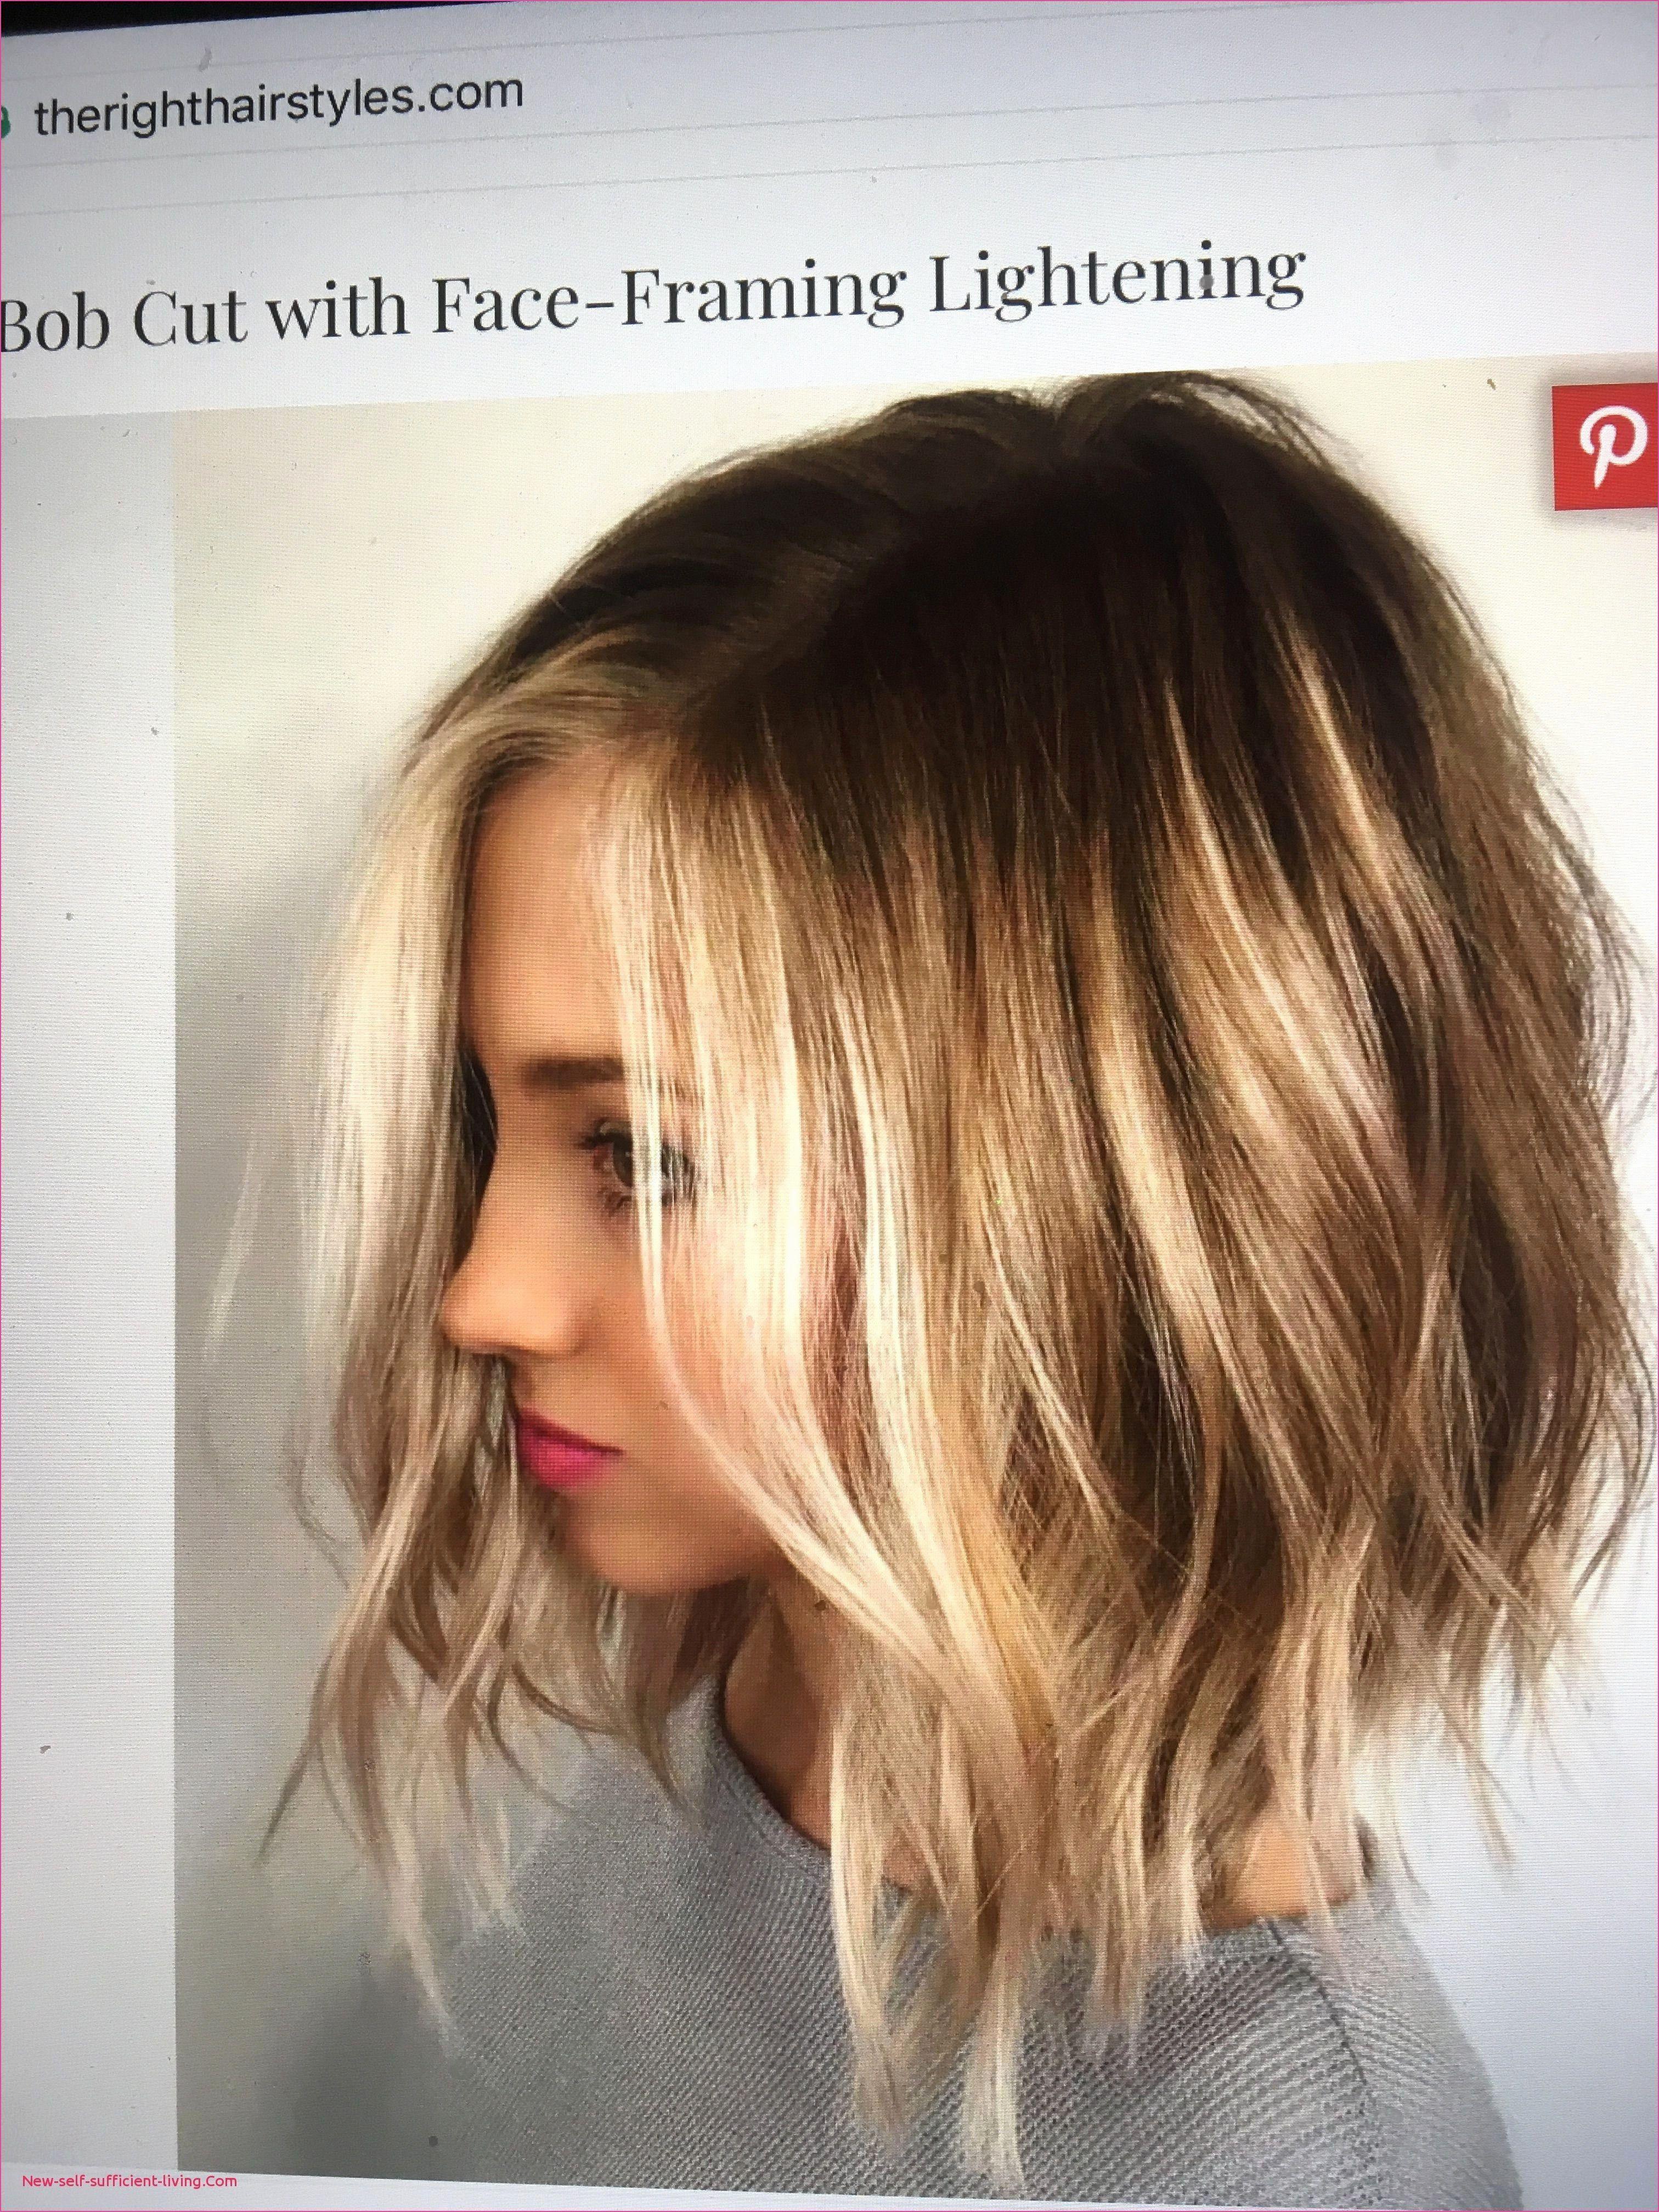 Haar Haare Haarfarben Kurze Trends Haare Haarfarben Kurze Trends Haarfarbe In 2020 Mittellange Haare Frisuren Einfach Haarschnitt Einfache Frisuren Mittellang